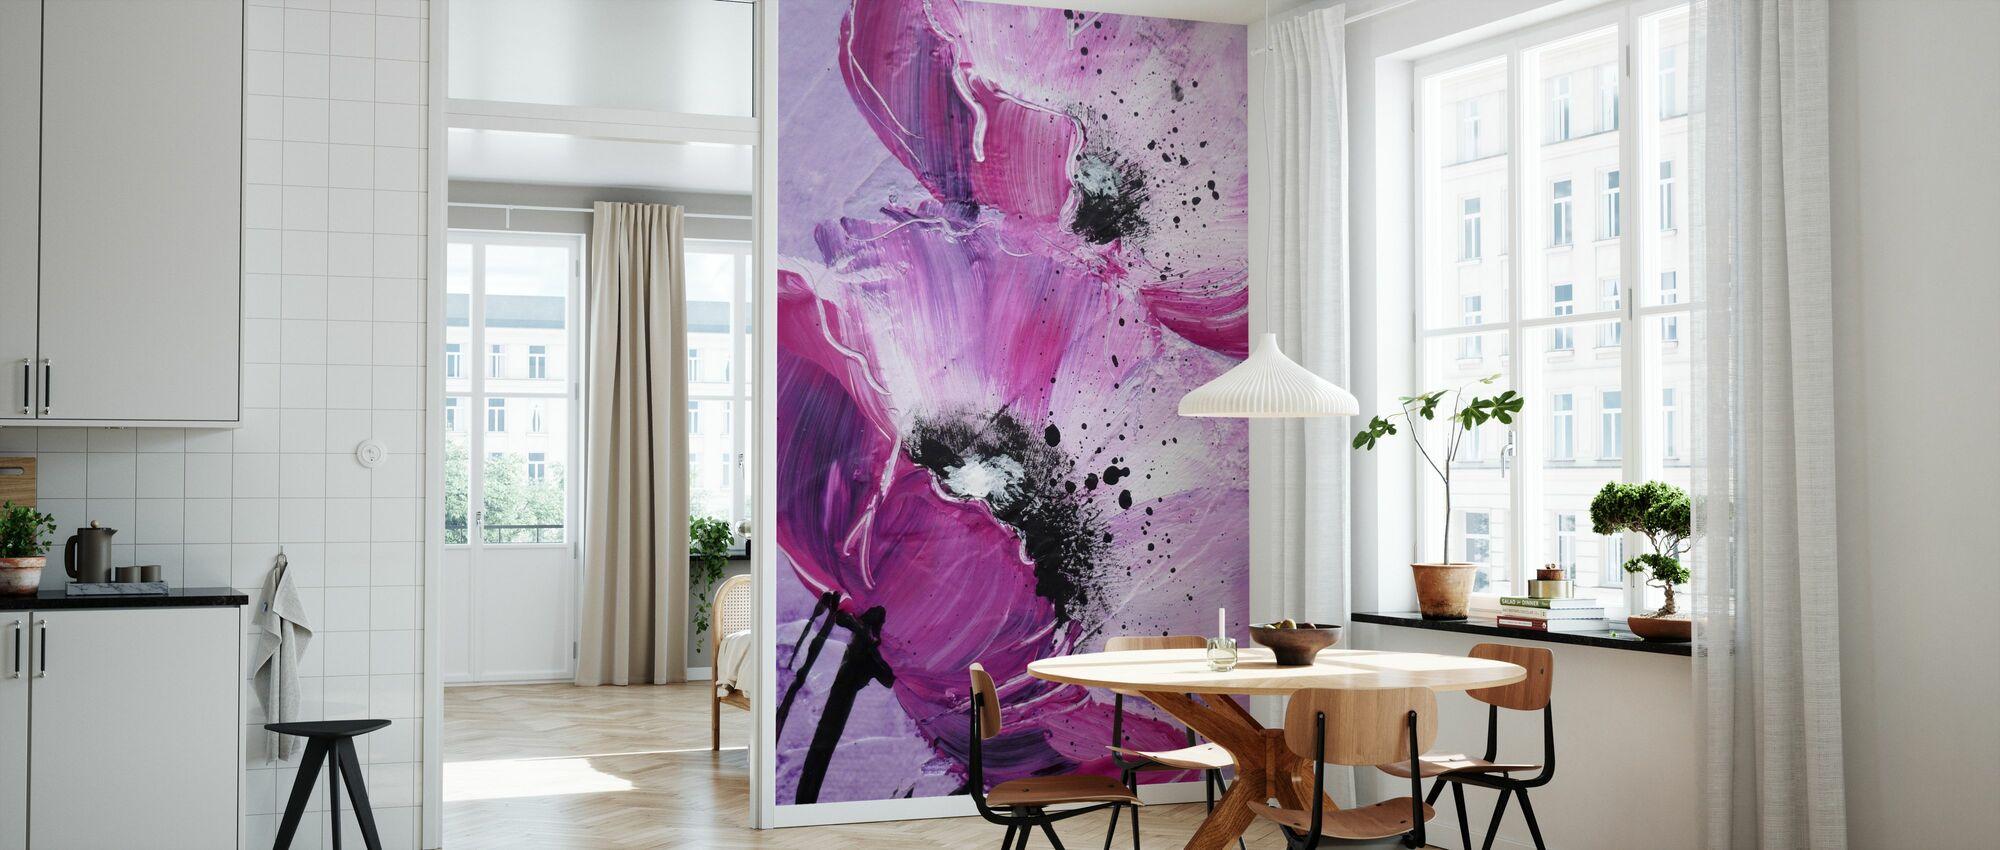 Violet Poppy Harmony - Wallpaper - Kitchen